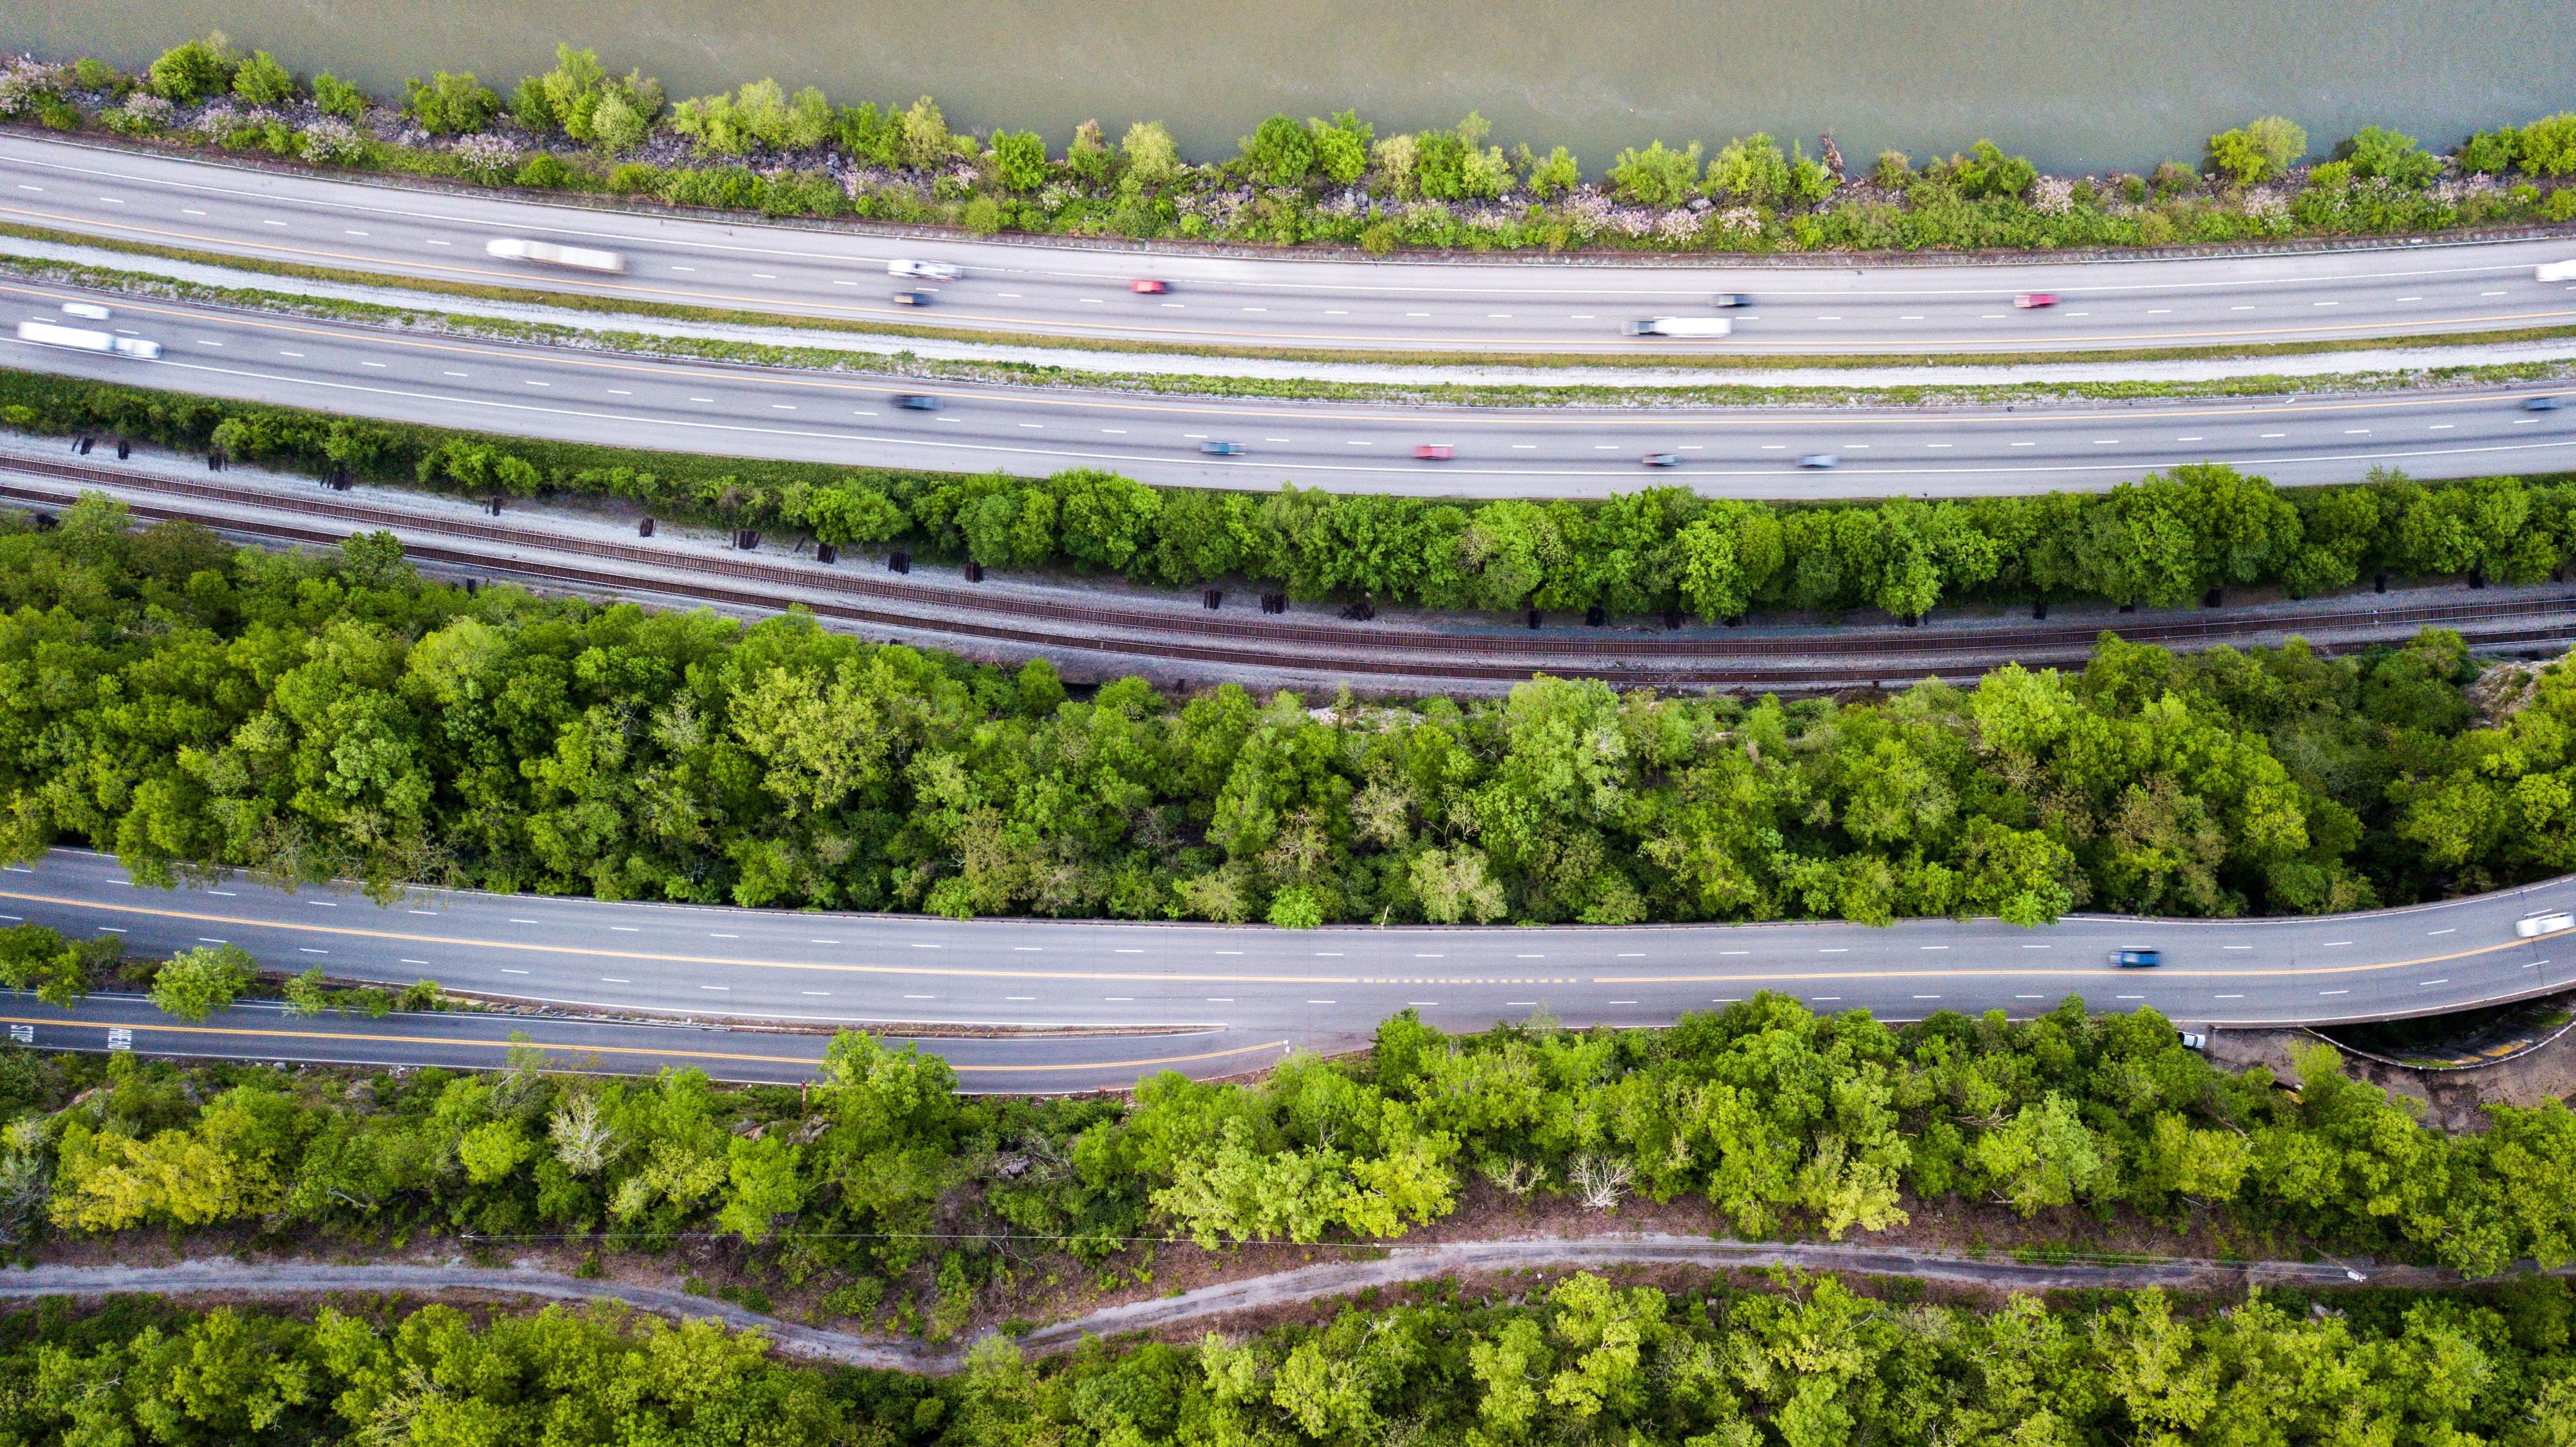 highways between forest